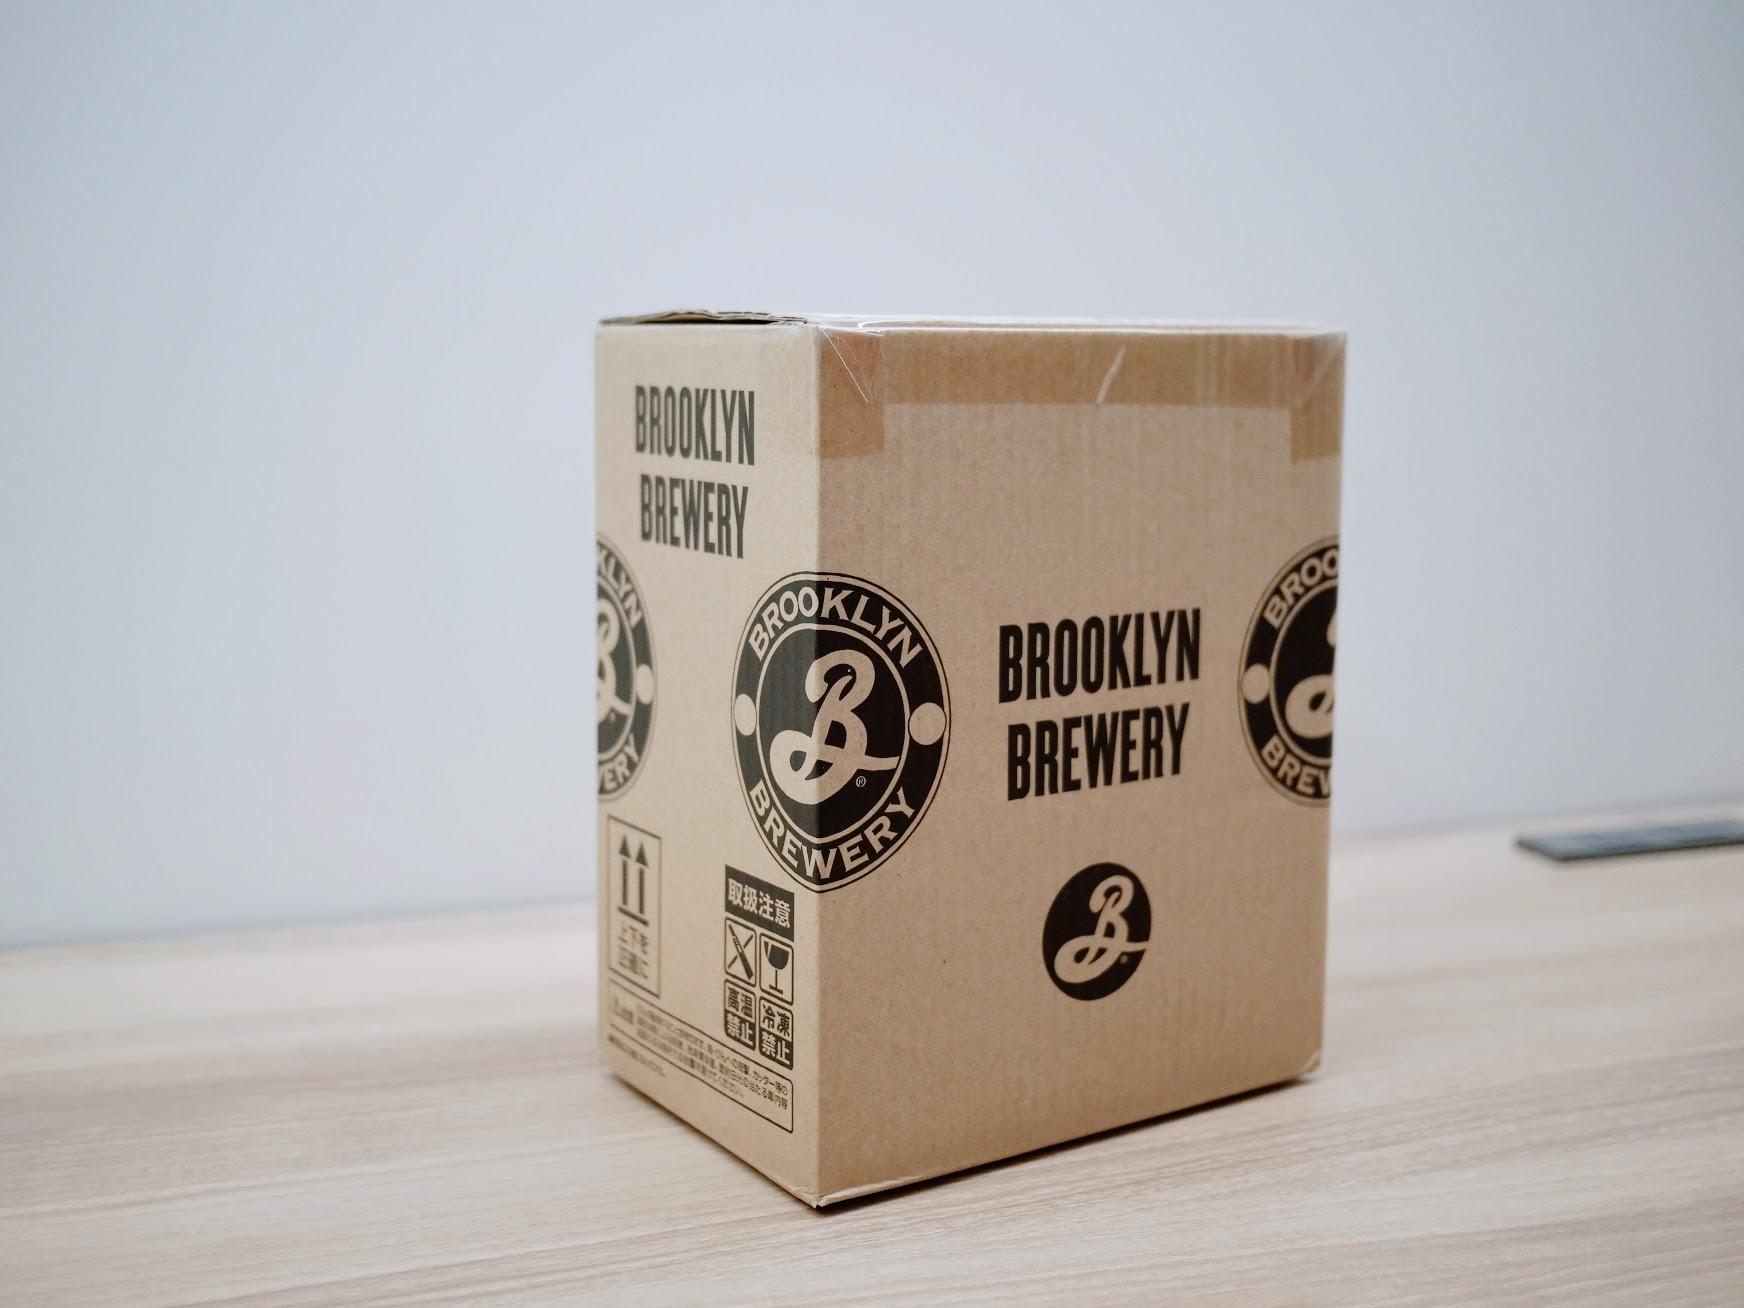 BROOKLYN BREWERY ビール6本セット